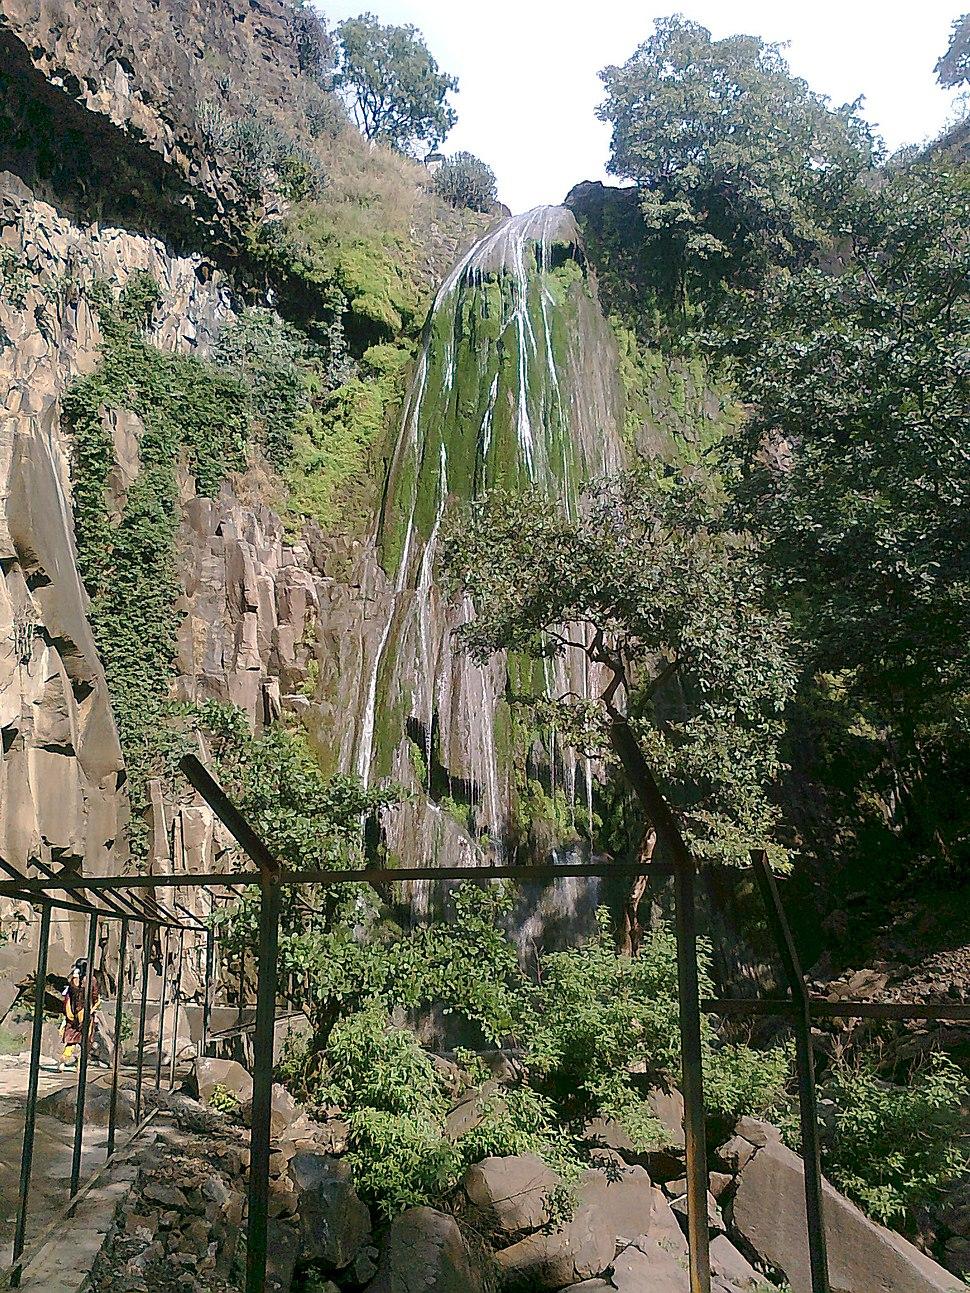 Waterfall at Muktagiri, Betul (M.P.)